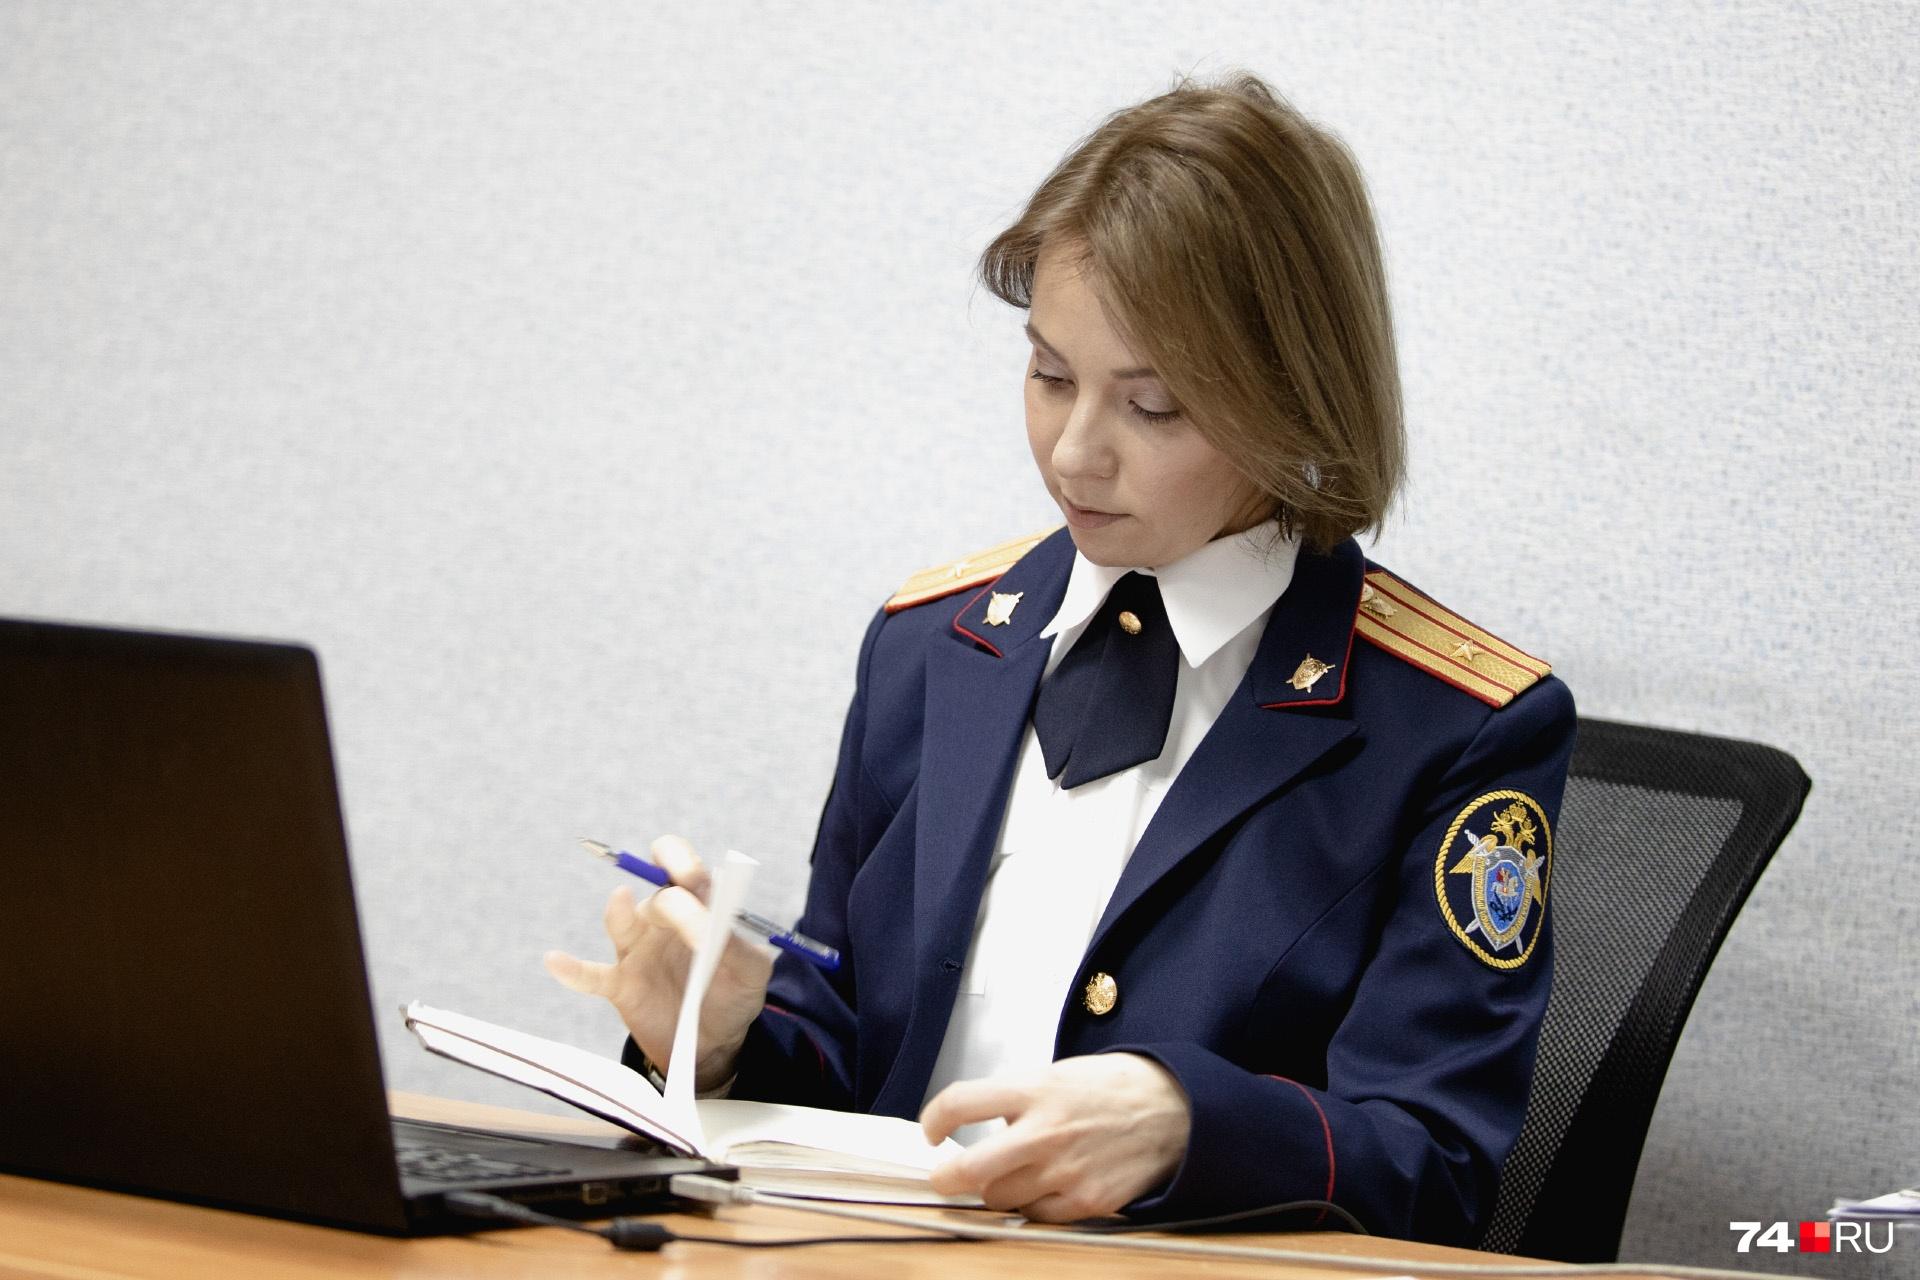 У Ксении Михайловой стаж работы в следственных органах 17 лет. Сегодня она в парадной форме — праздник же